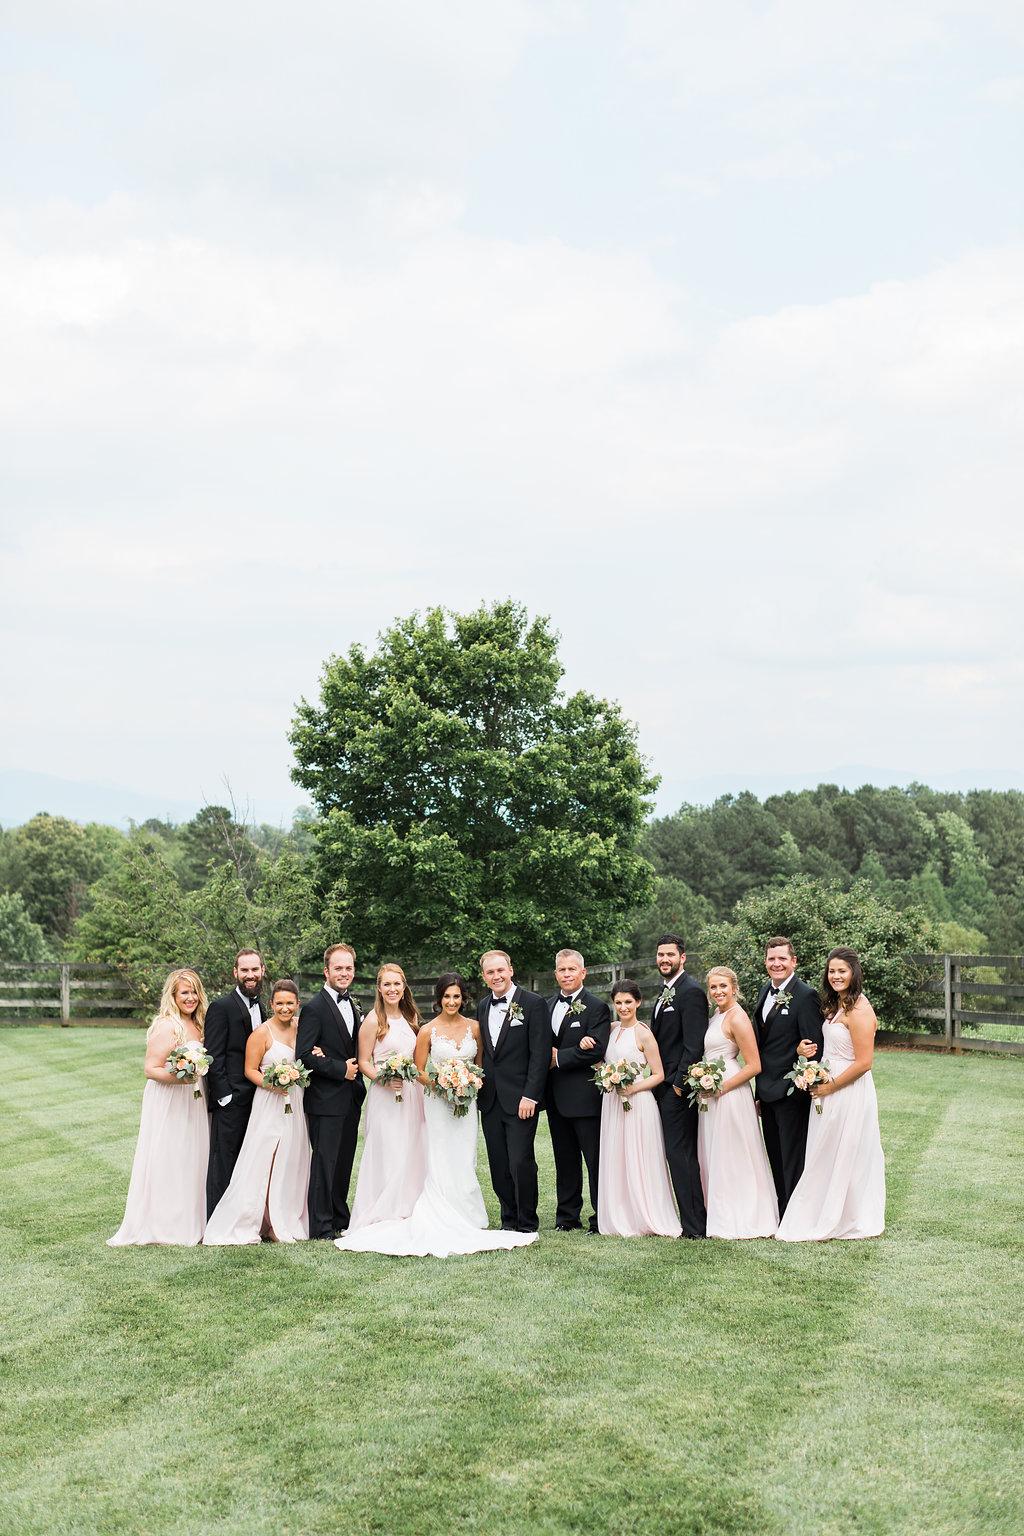 Northern Georgia Wedding Venue - Walnut Hill Farm Wedding - Simplistic Wedding Details